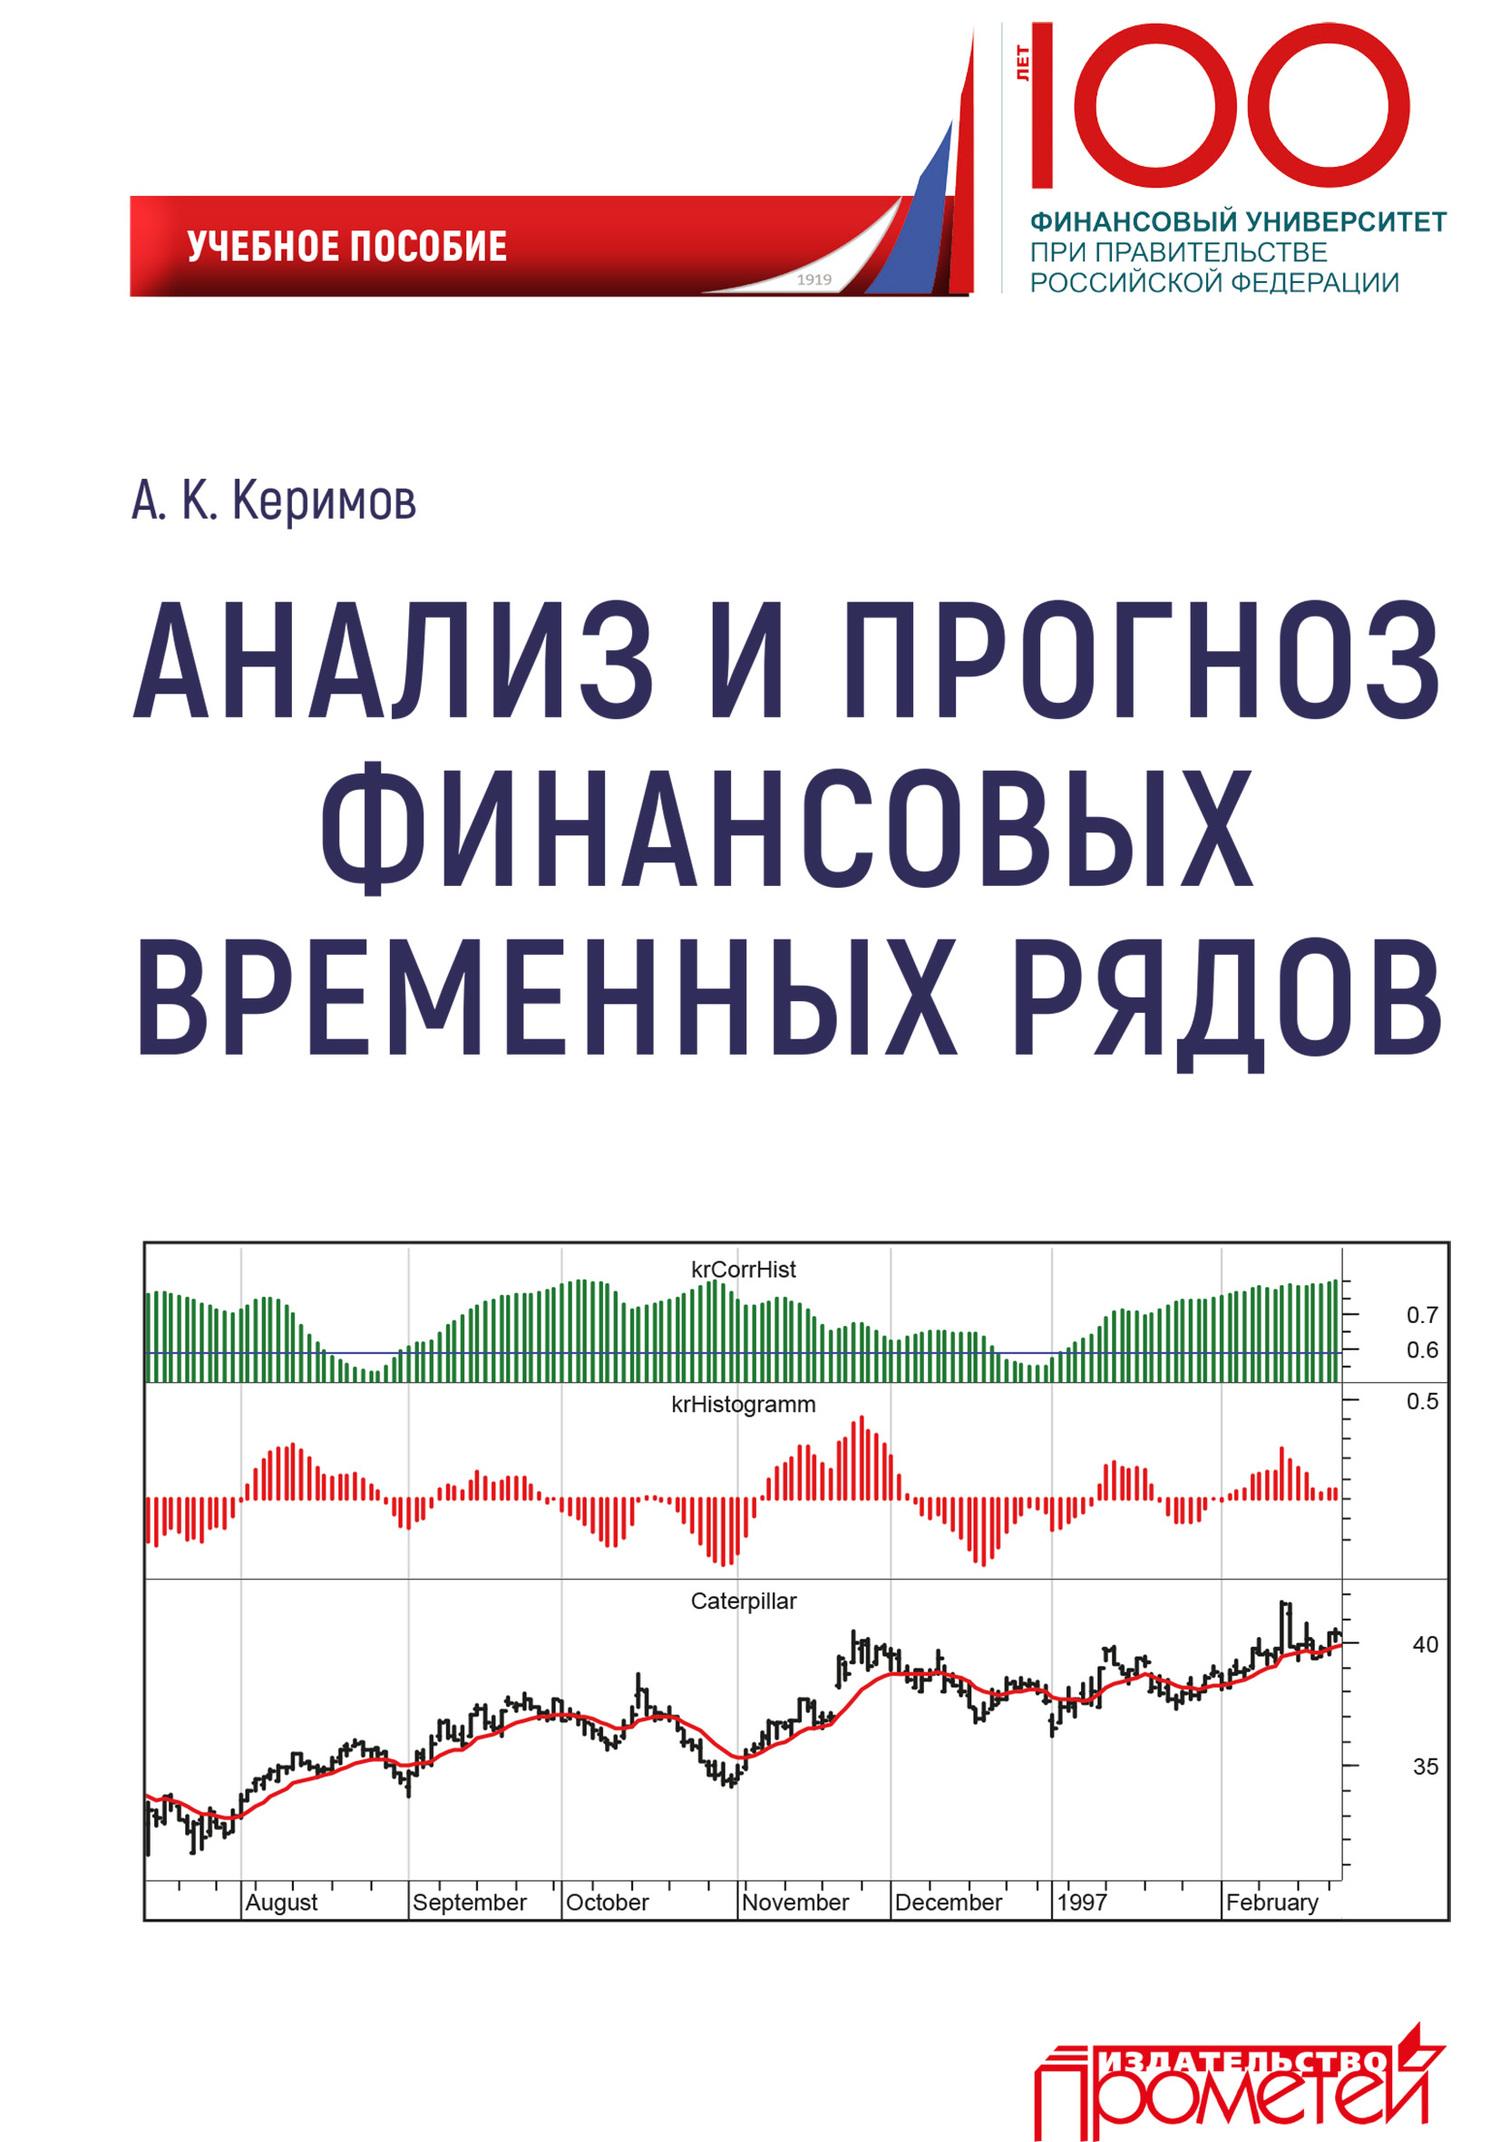 Александр Керимов Анализ и прогноз финансовых временных рядов